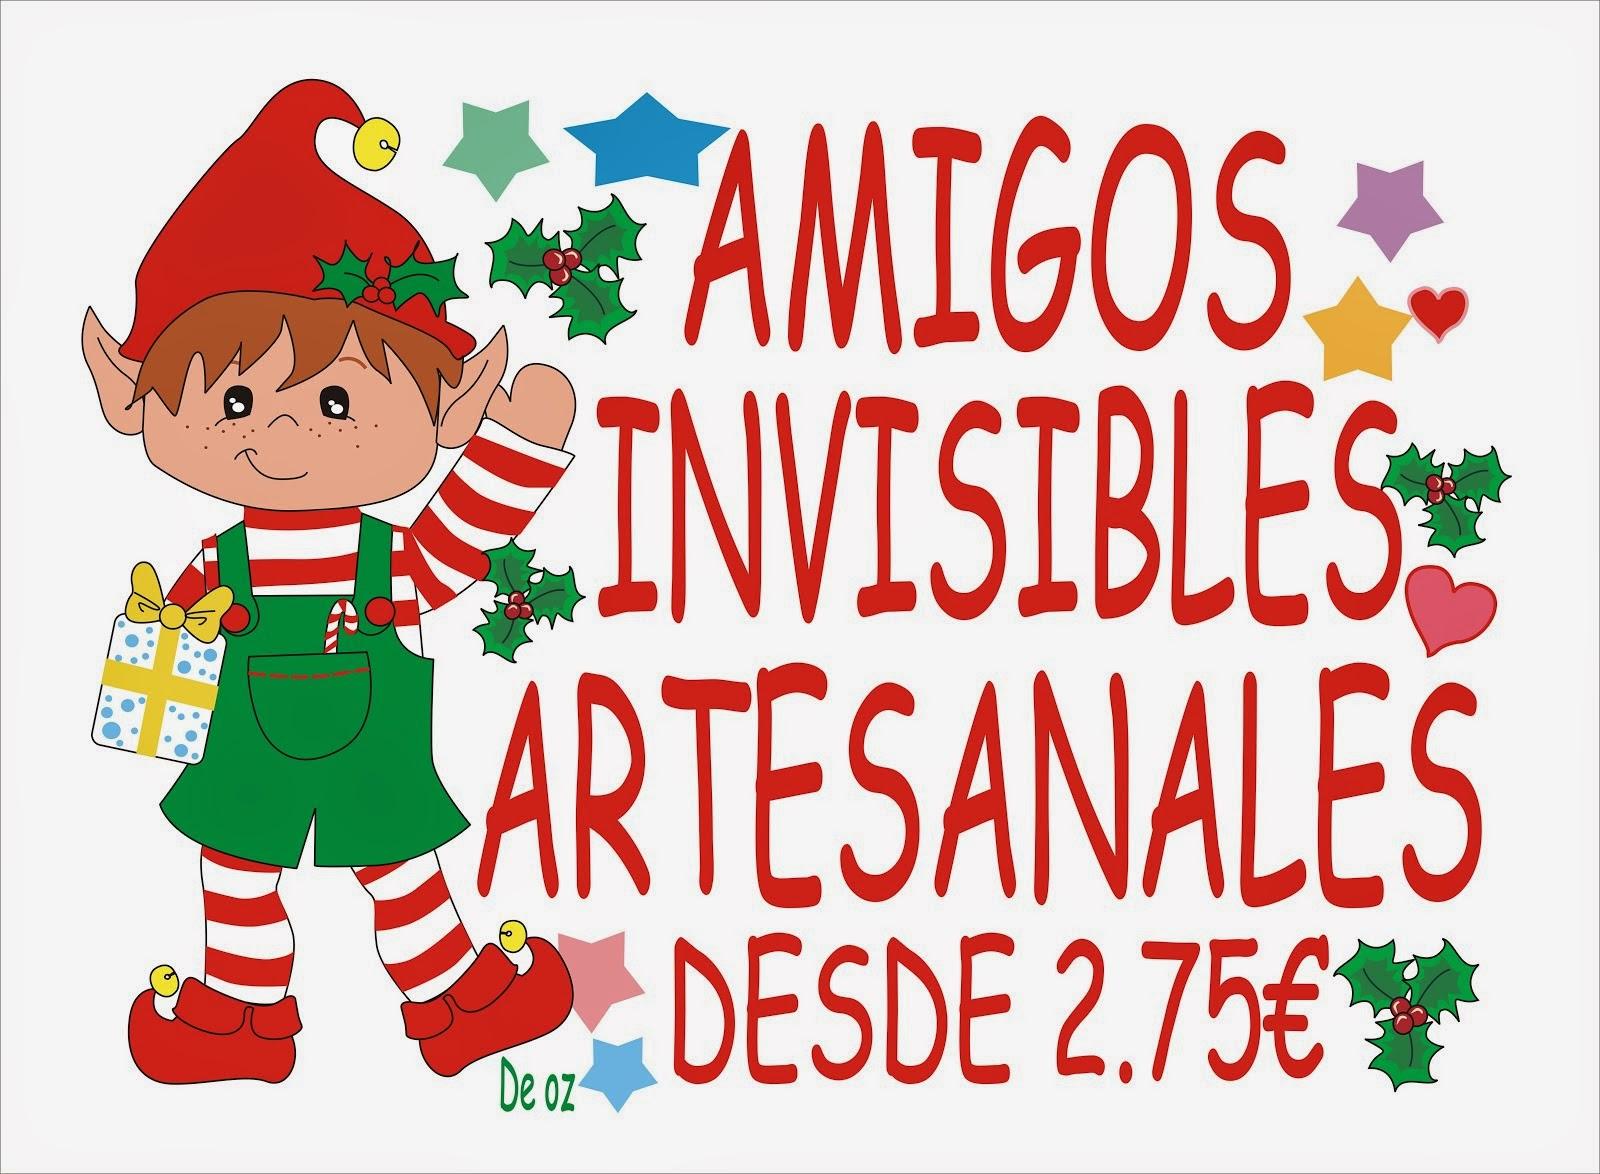 AMIGOS INVISIBLES DESDE 2.75€